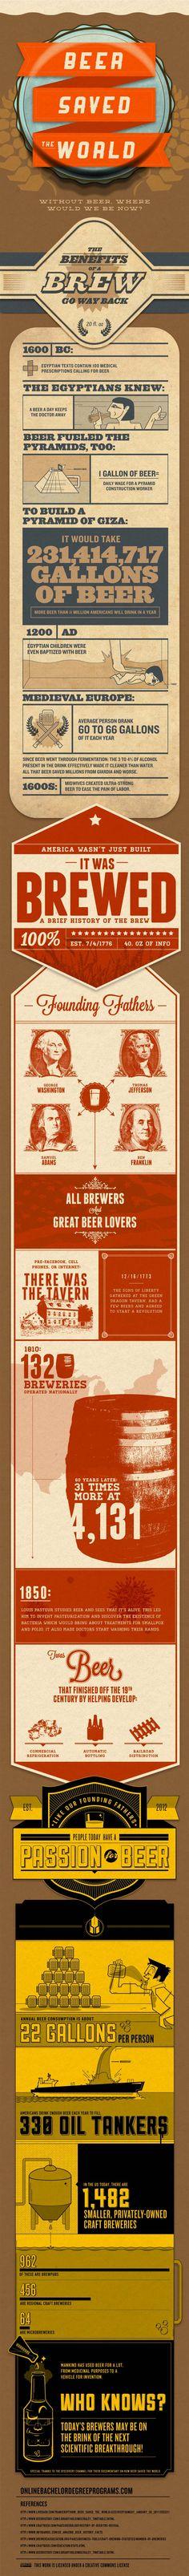 Como a cerveja salvou o mundo